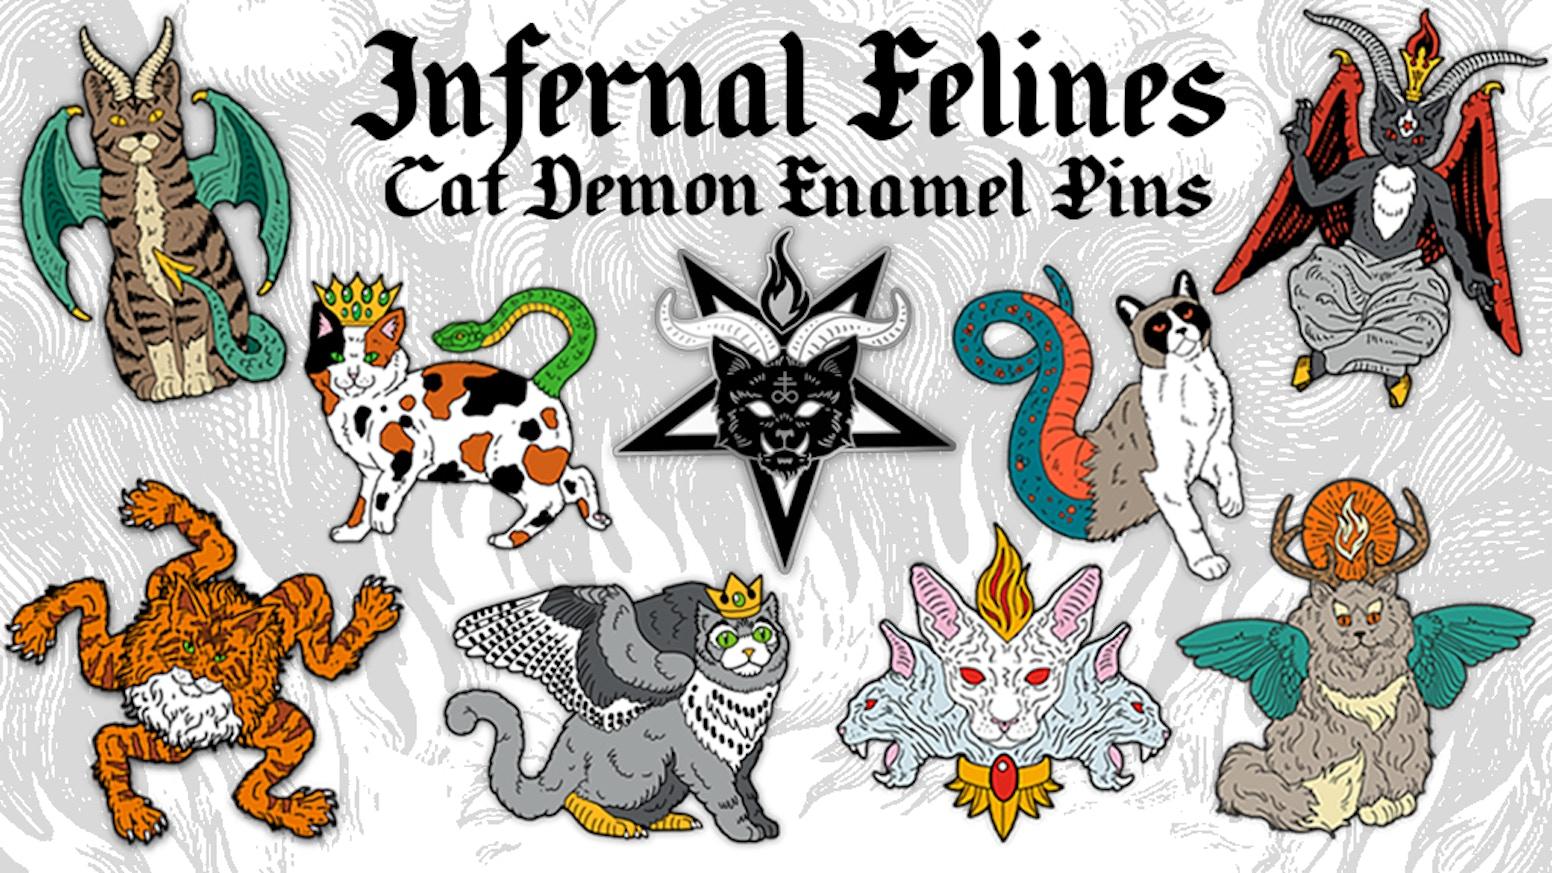 Infernal Felines: Cat Demon Enamel Pins by Nikol King — Kickstarter